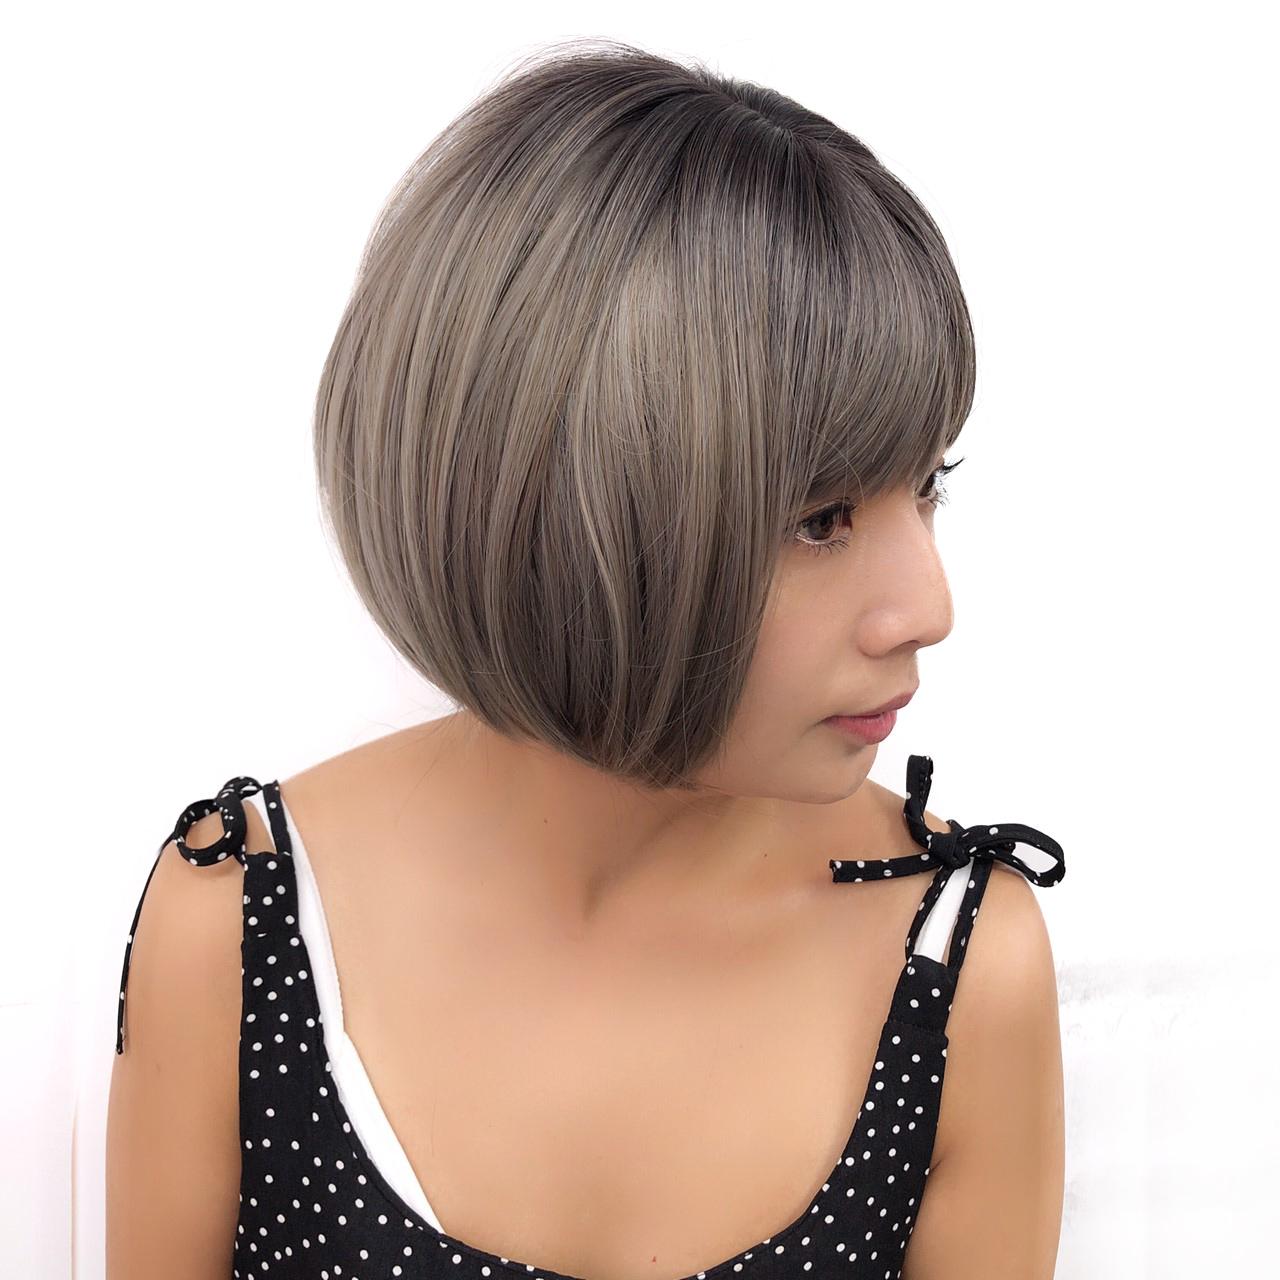 韓系全頂假髮 短髮亞麻灰 頭頂布丁 魔髮樂 D3062